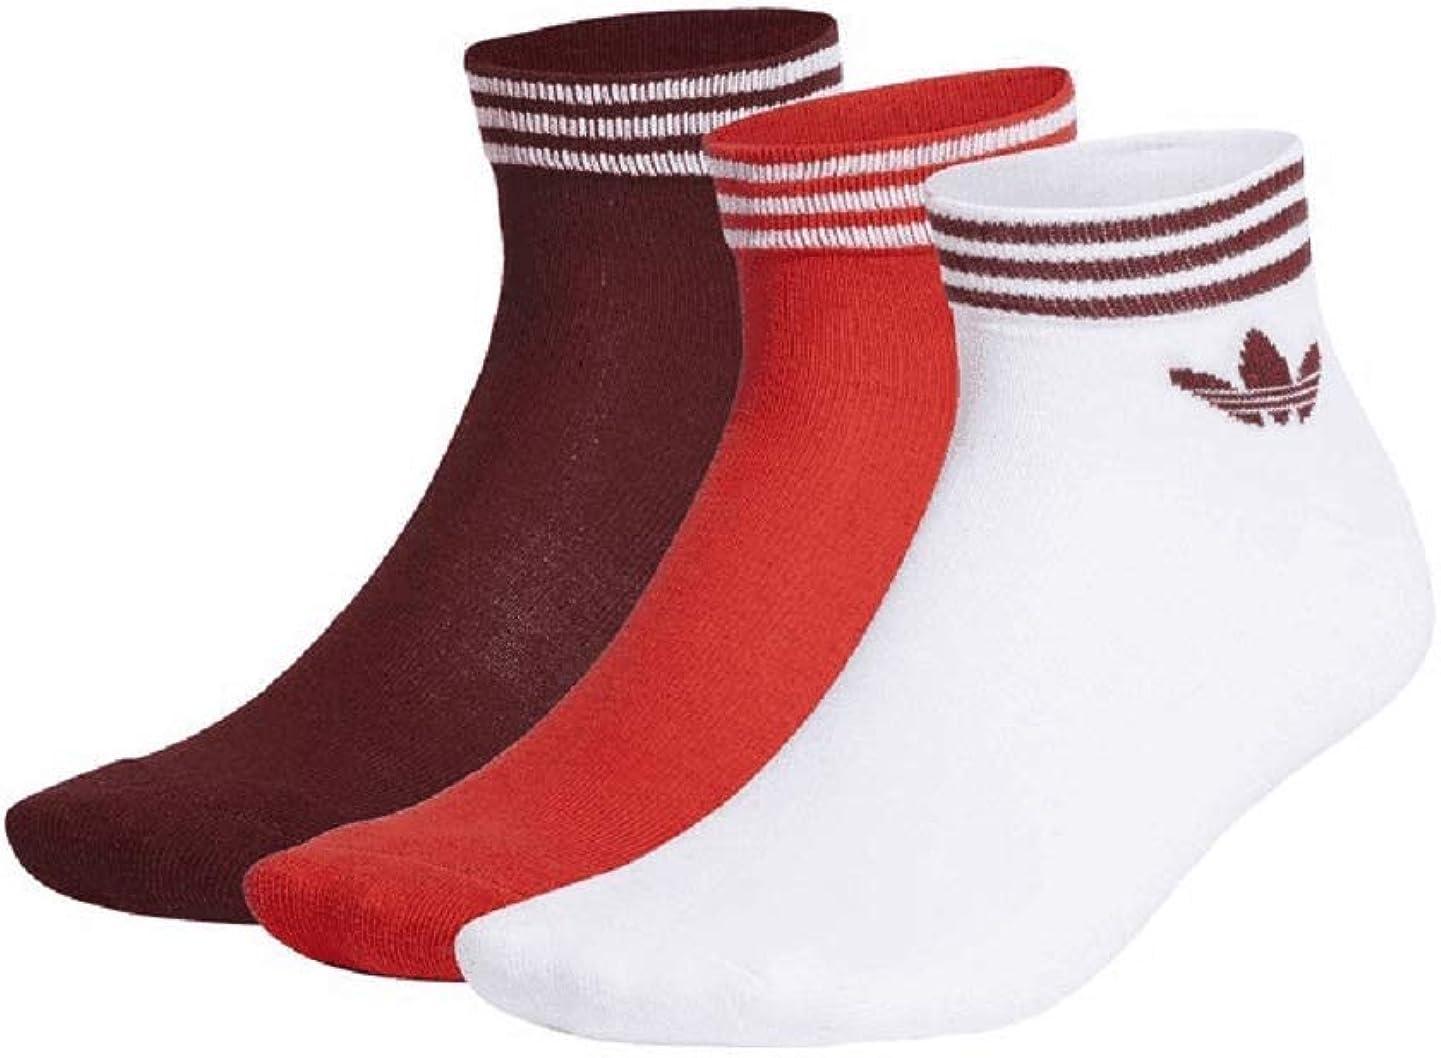 Adidas Trefoil Ankle Socks Lot de 3 paires de chaussettes